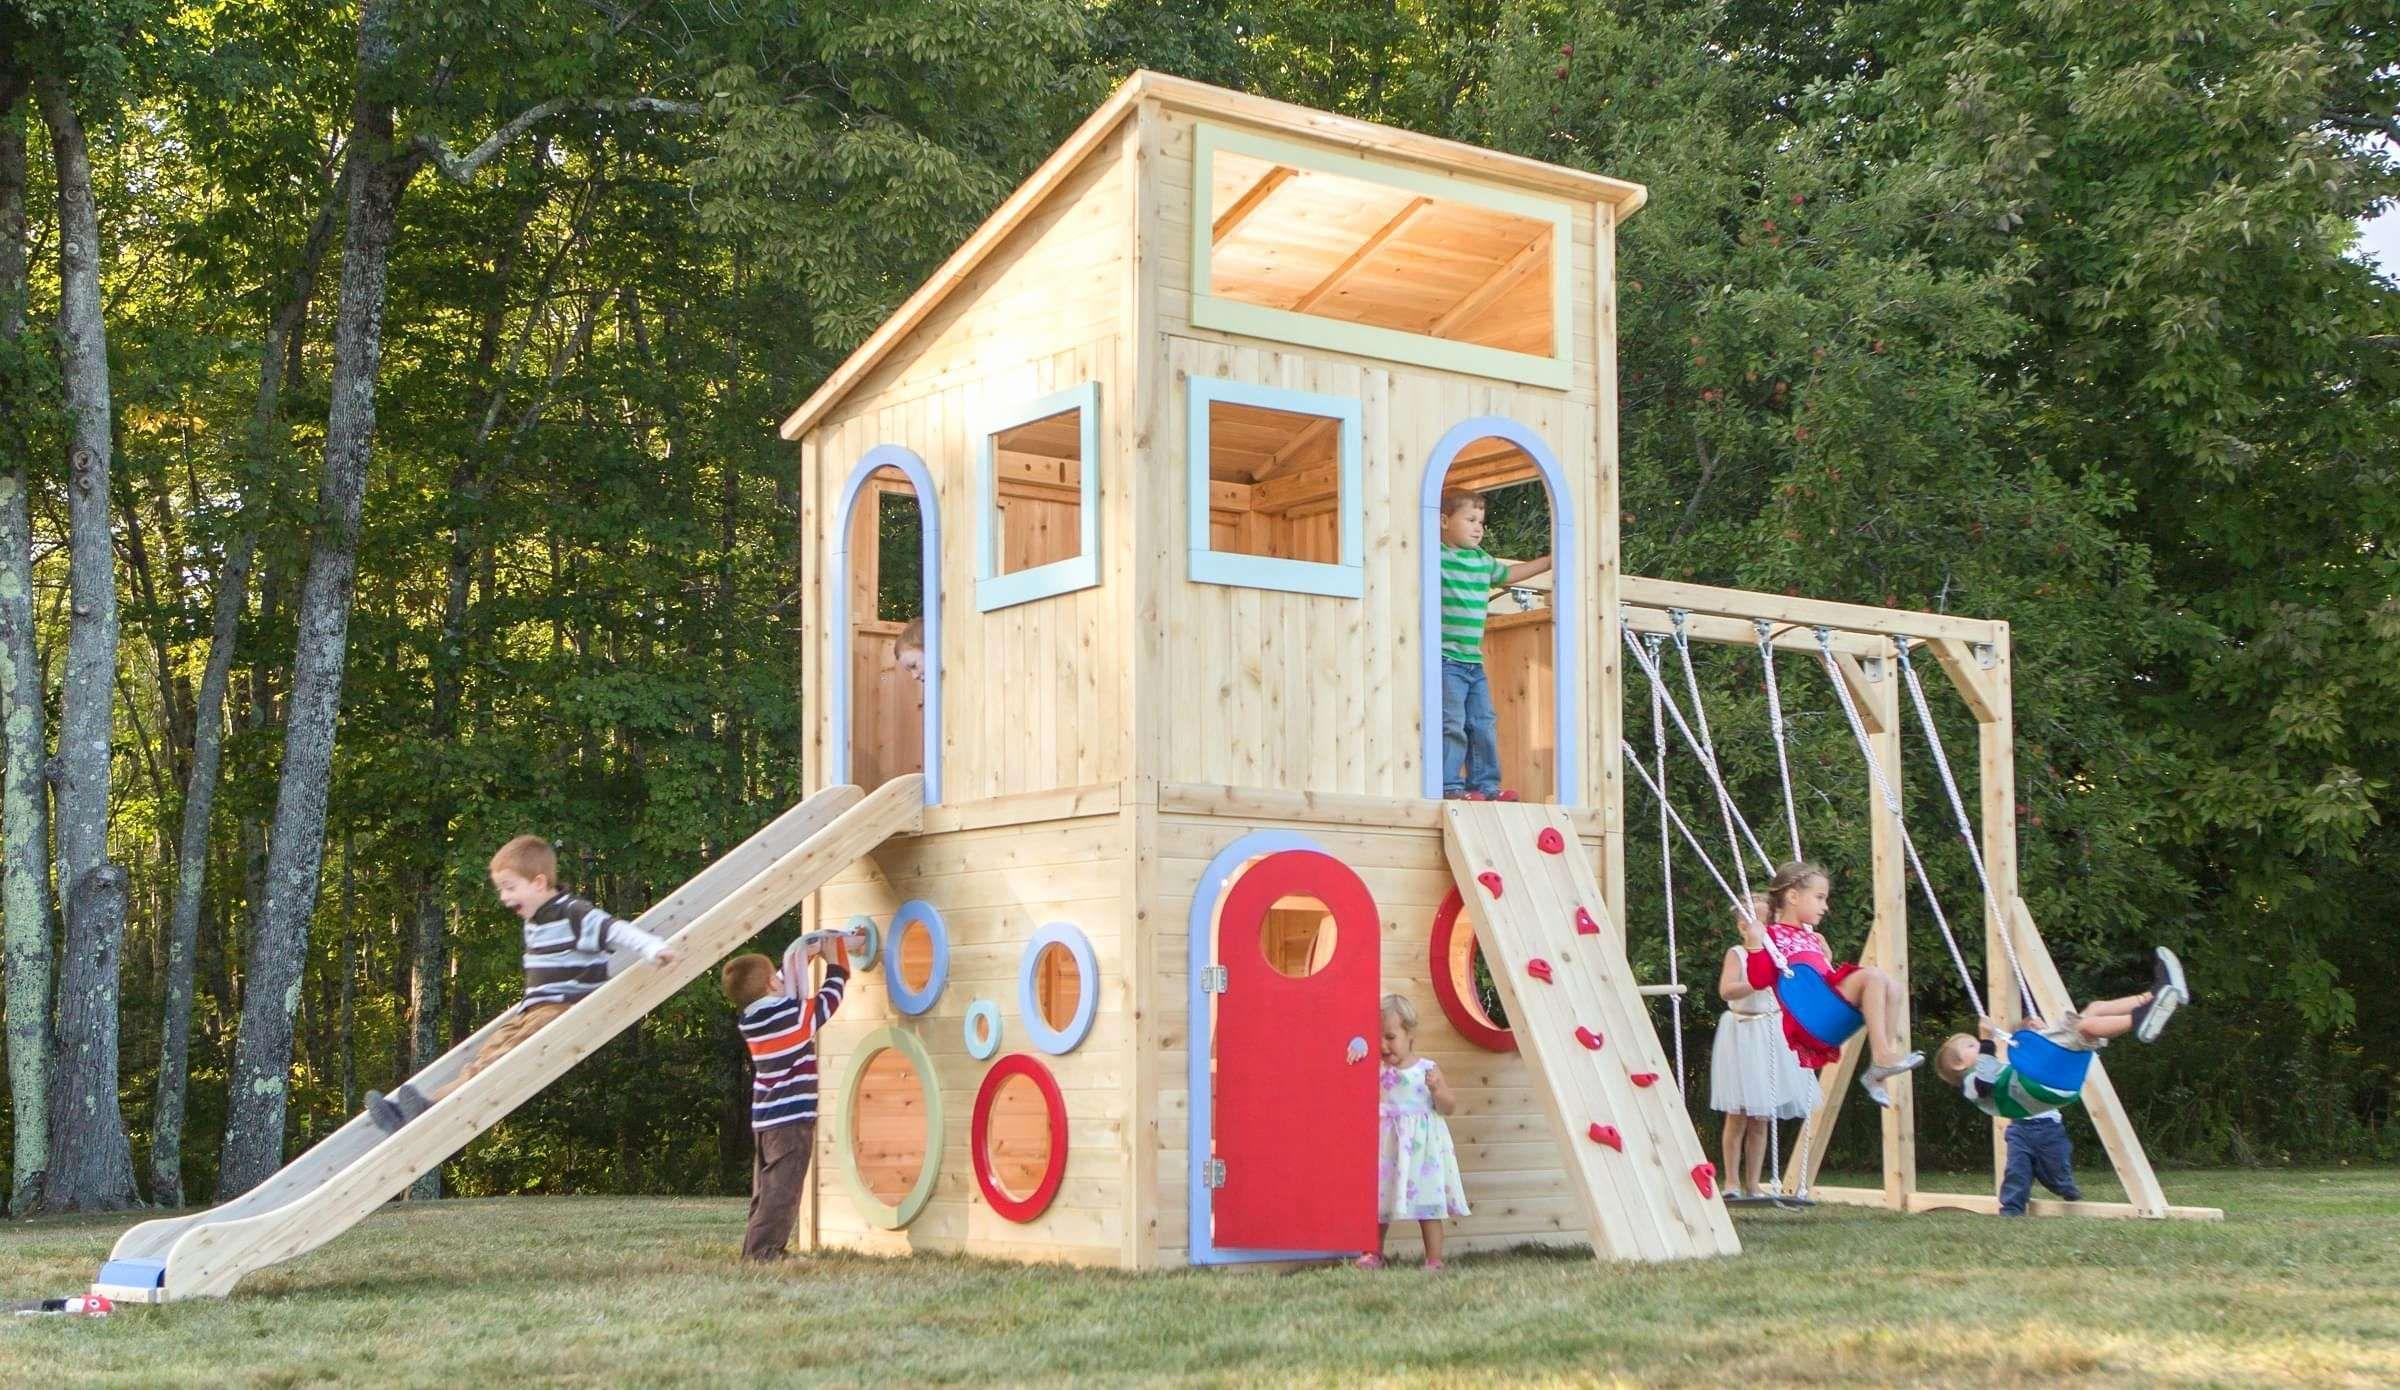 Einzigartig Spielplatz Spielhaus Garten Selber Genial Kinder Bauen Haus Imspielplatz Im Garten Sel Playset Outdoor Playhouse Outdoor Backyard Playset